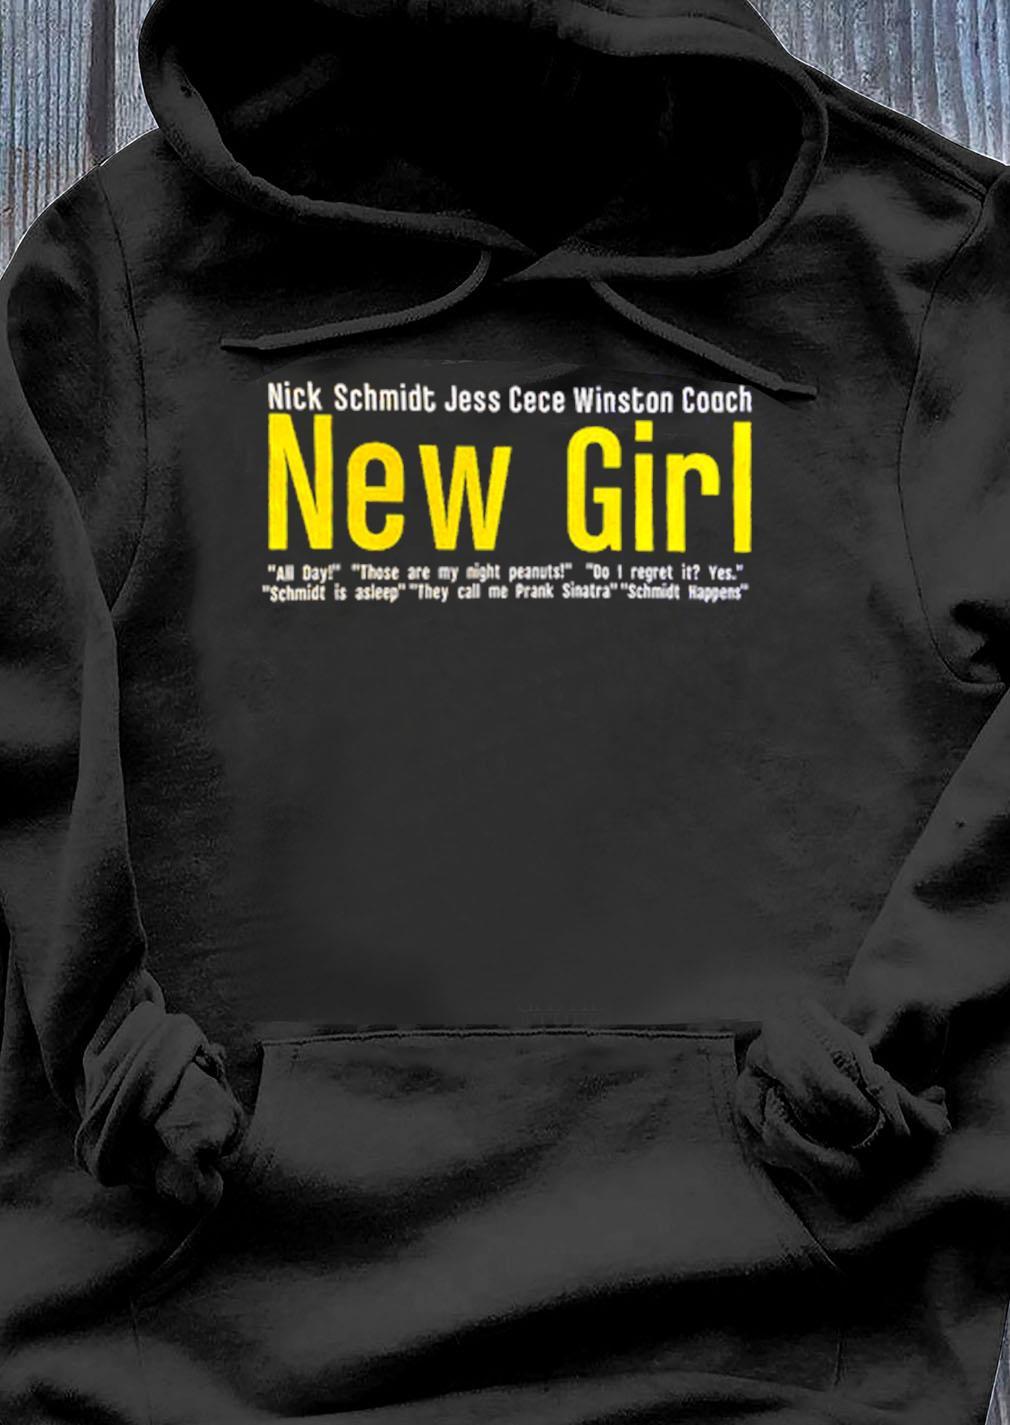 Nick Schmidt Jess Cece Winston Coach New Girl Shirt Hoodie